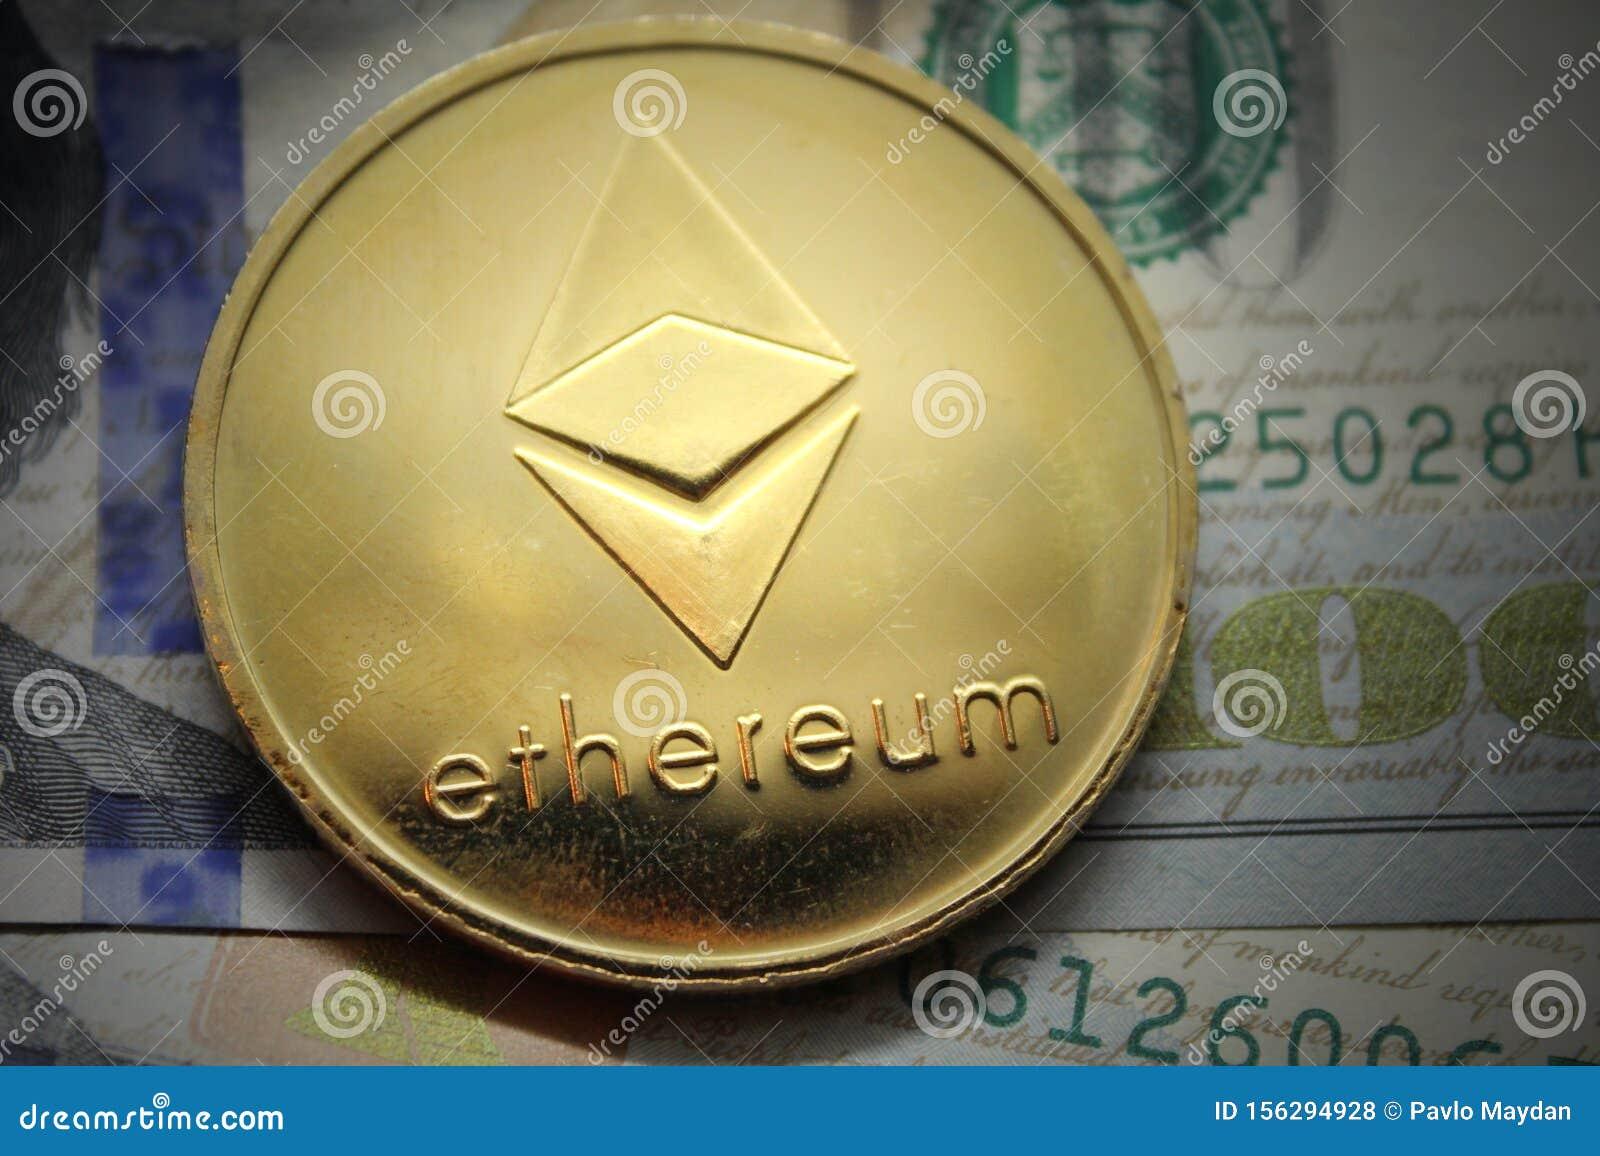 ether money